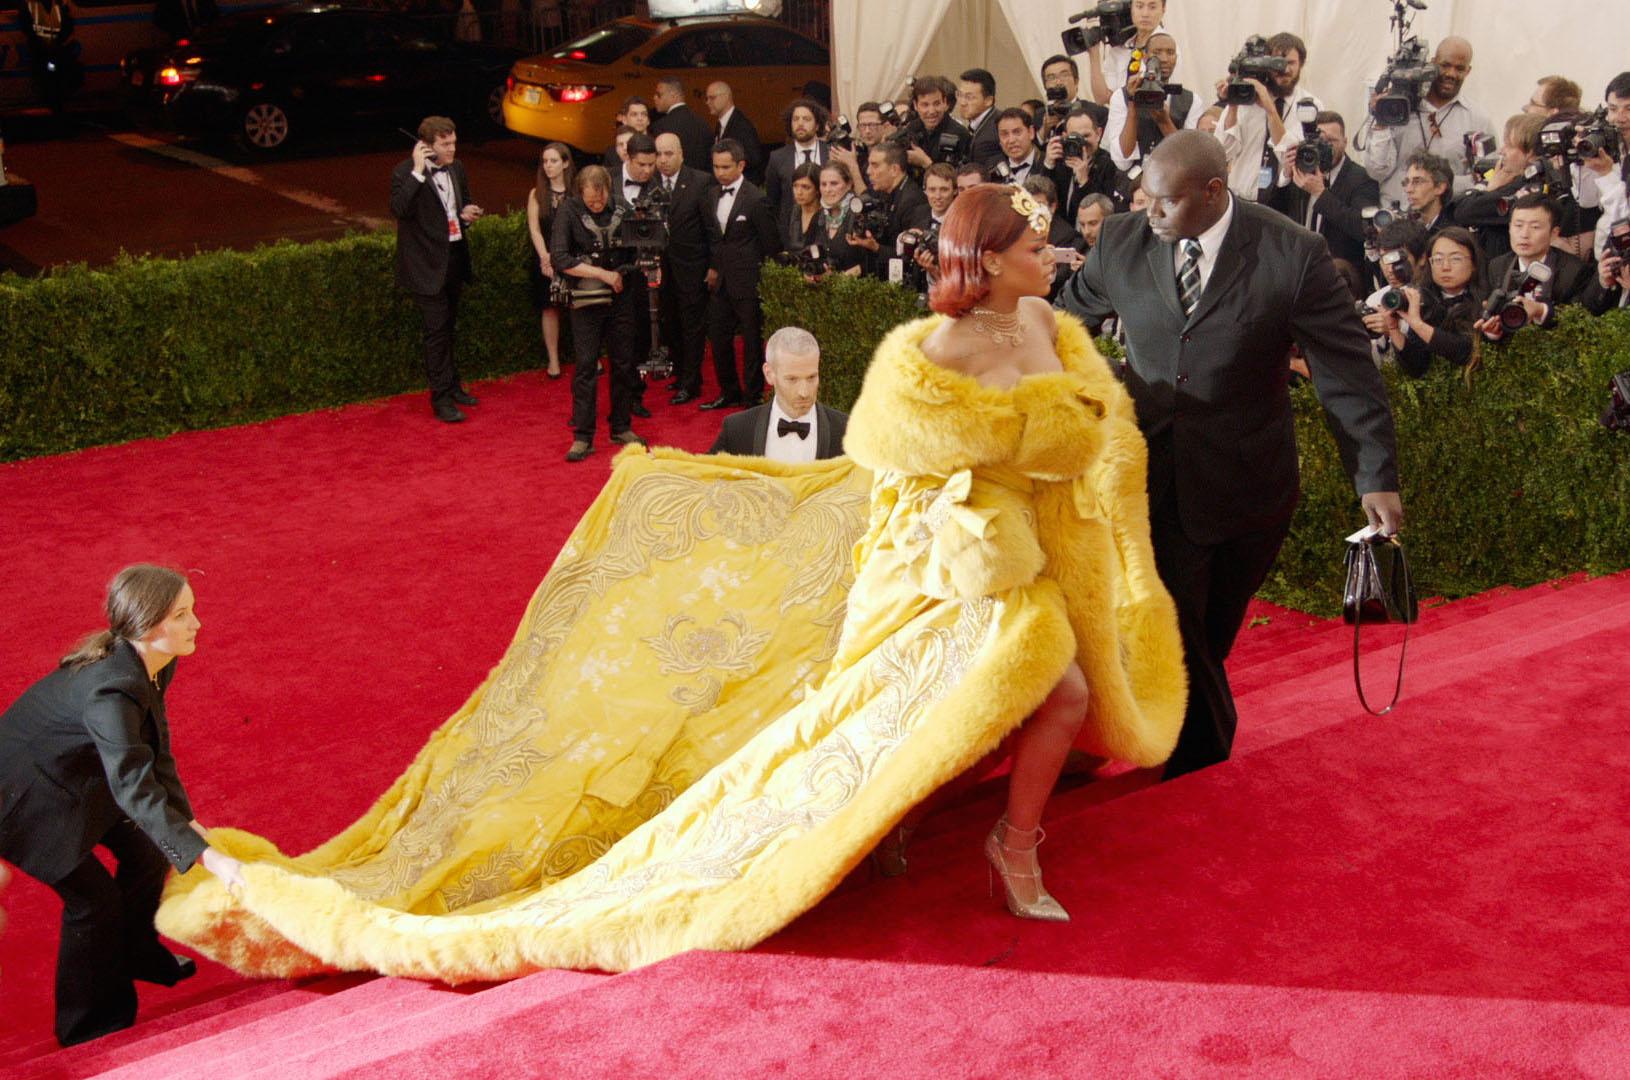 Bunkamuraル・シネマにて特集<ファッション・イン・ニューヨーク>開催!『ティファニーで朝食を』『キャロル』『ビル・カニンガム&ニューヨーク』上映